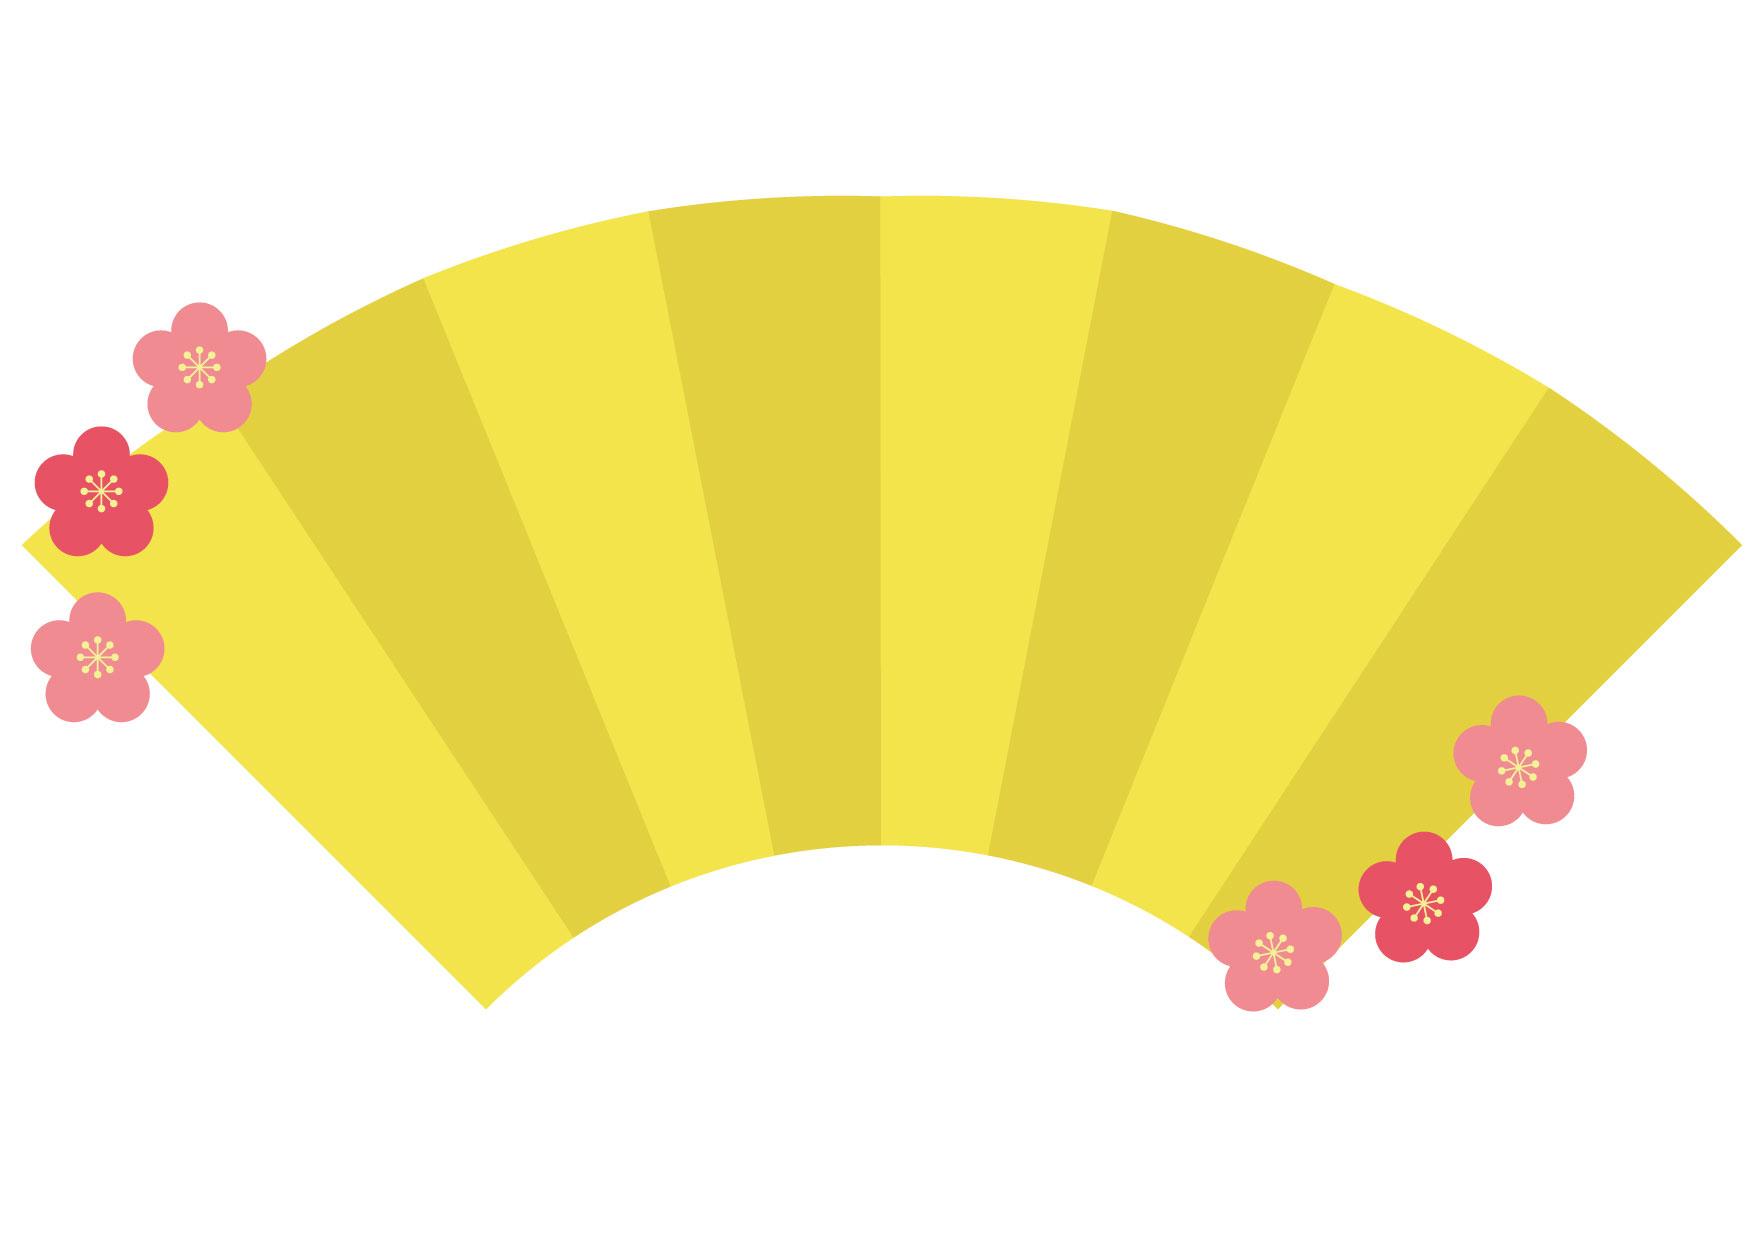 可愛いイラスト無料|ひな祭り 屏風 フレーム − free illustration Hinamatsuri Folding screen frame